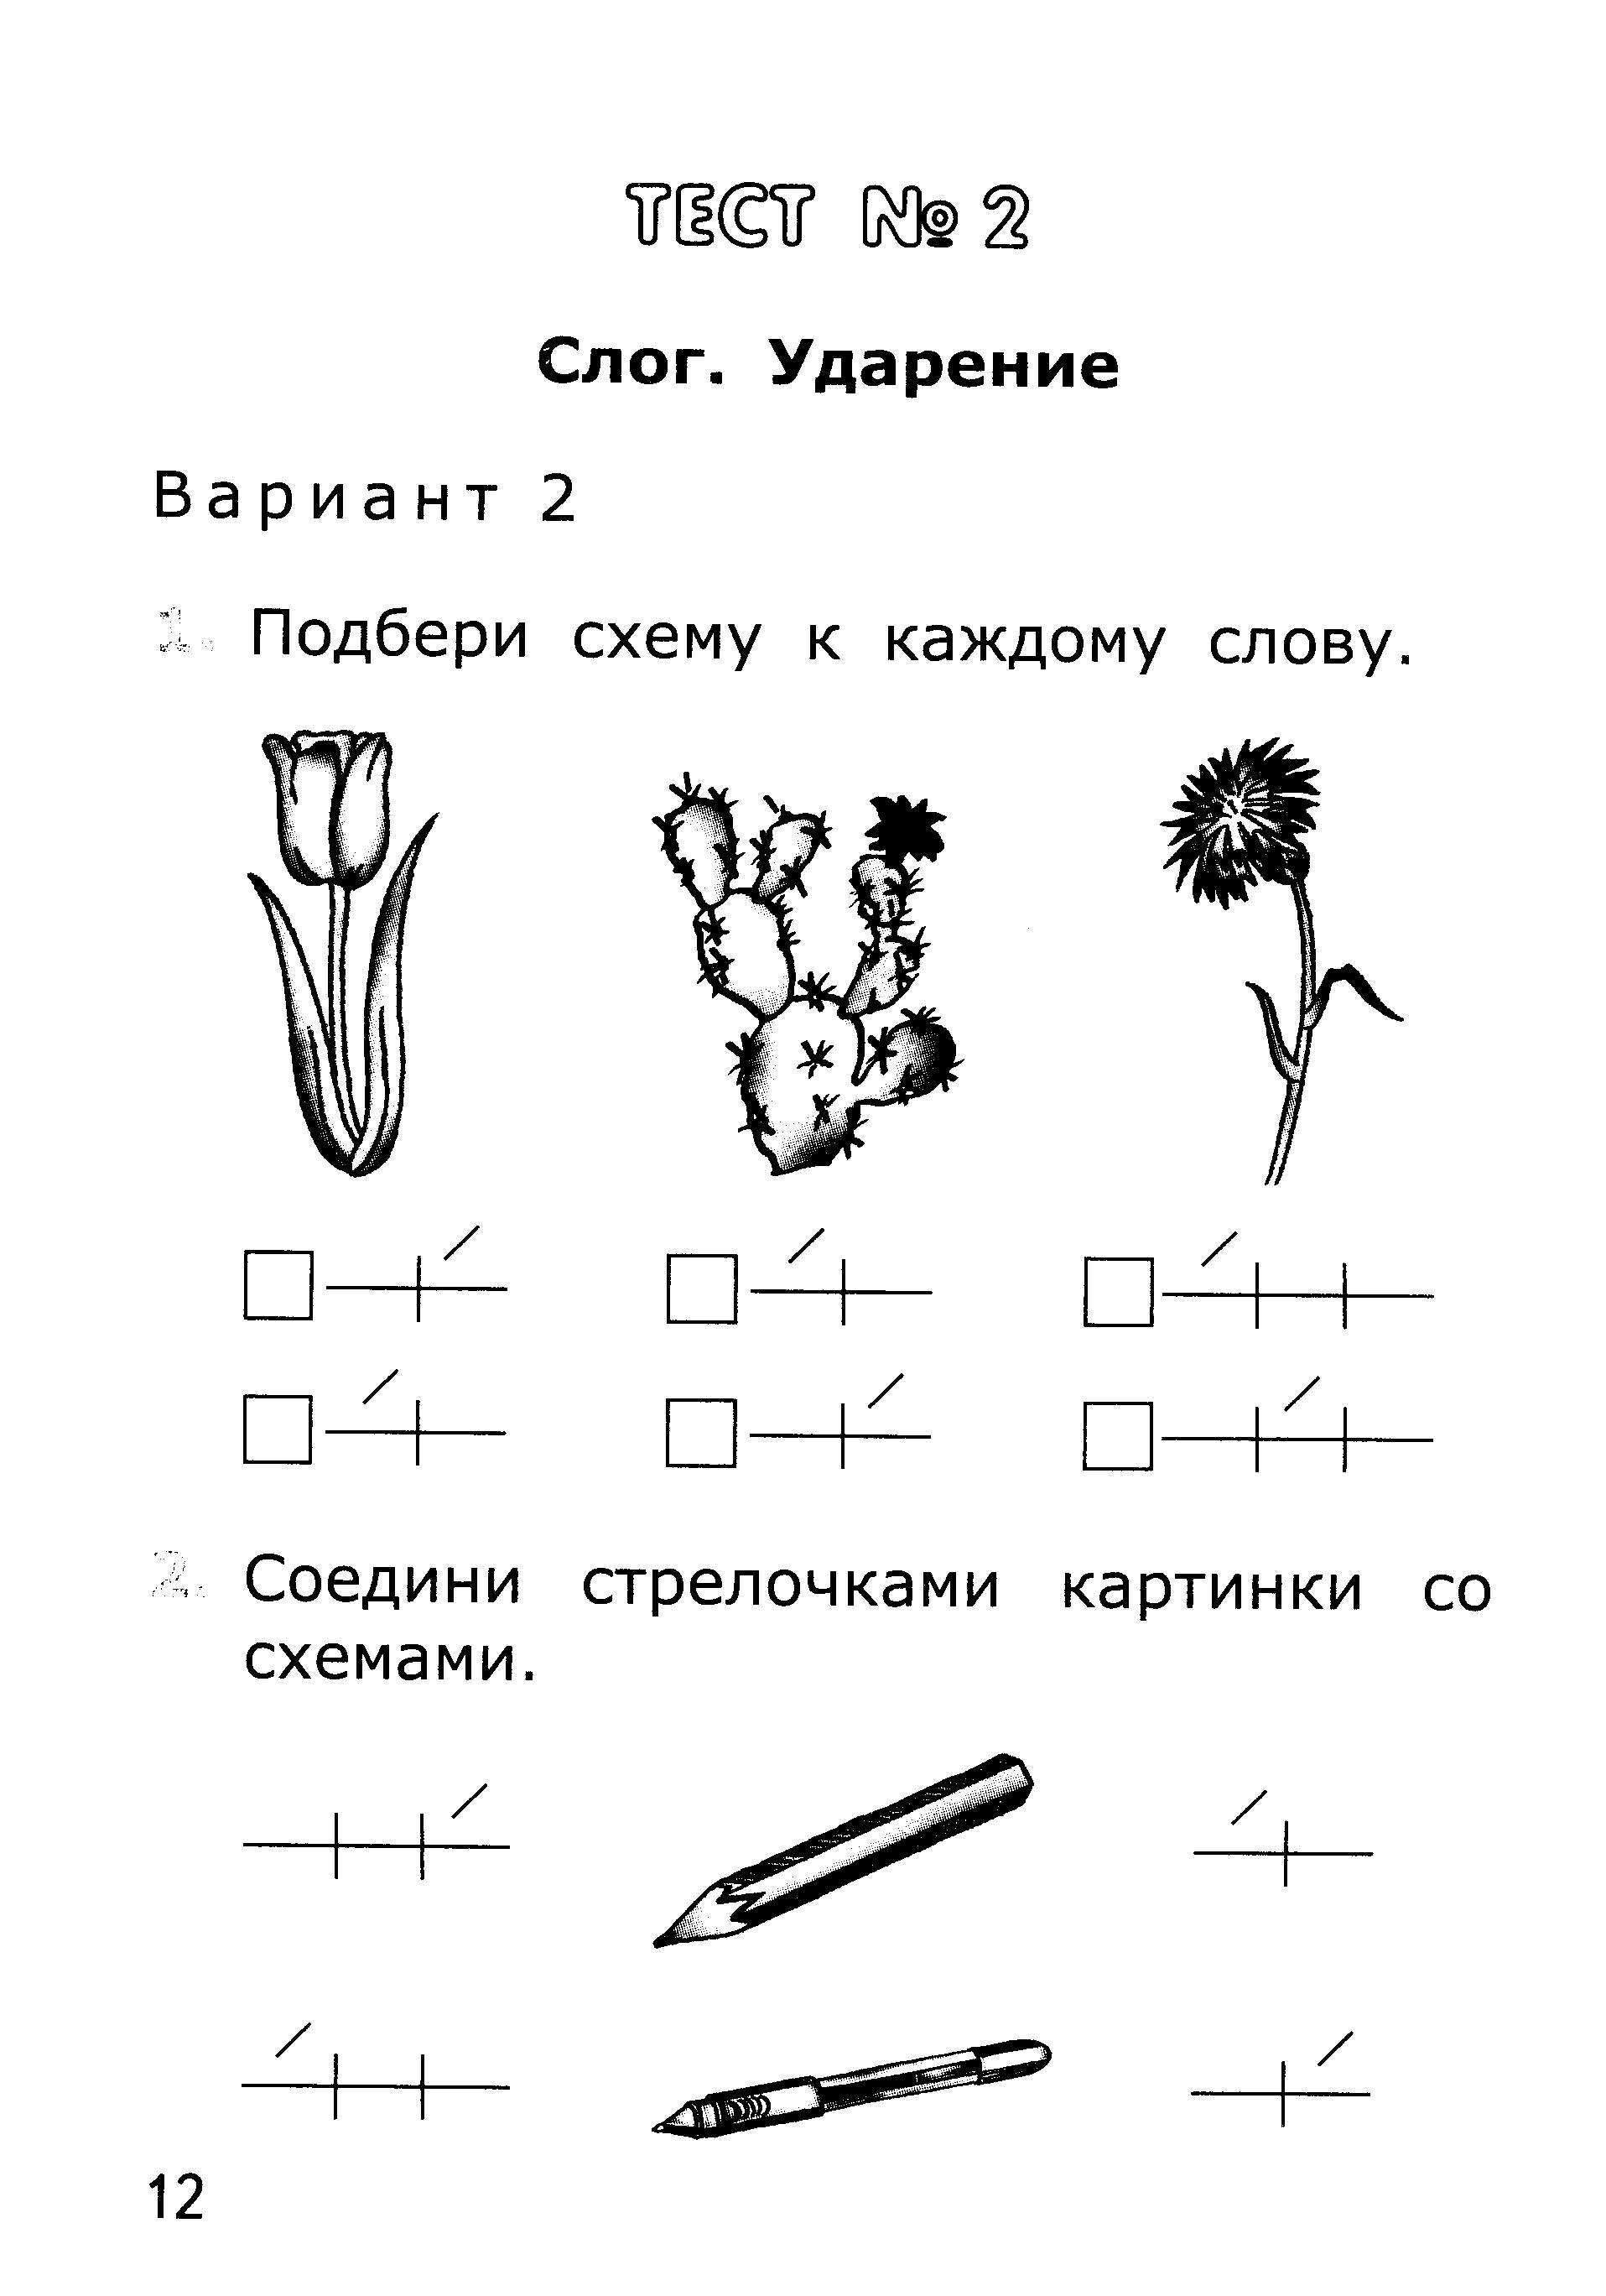 Соедини картинки со схемами поставь ударение обведи ягоду ответы